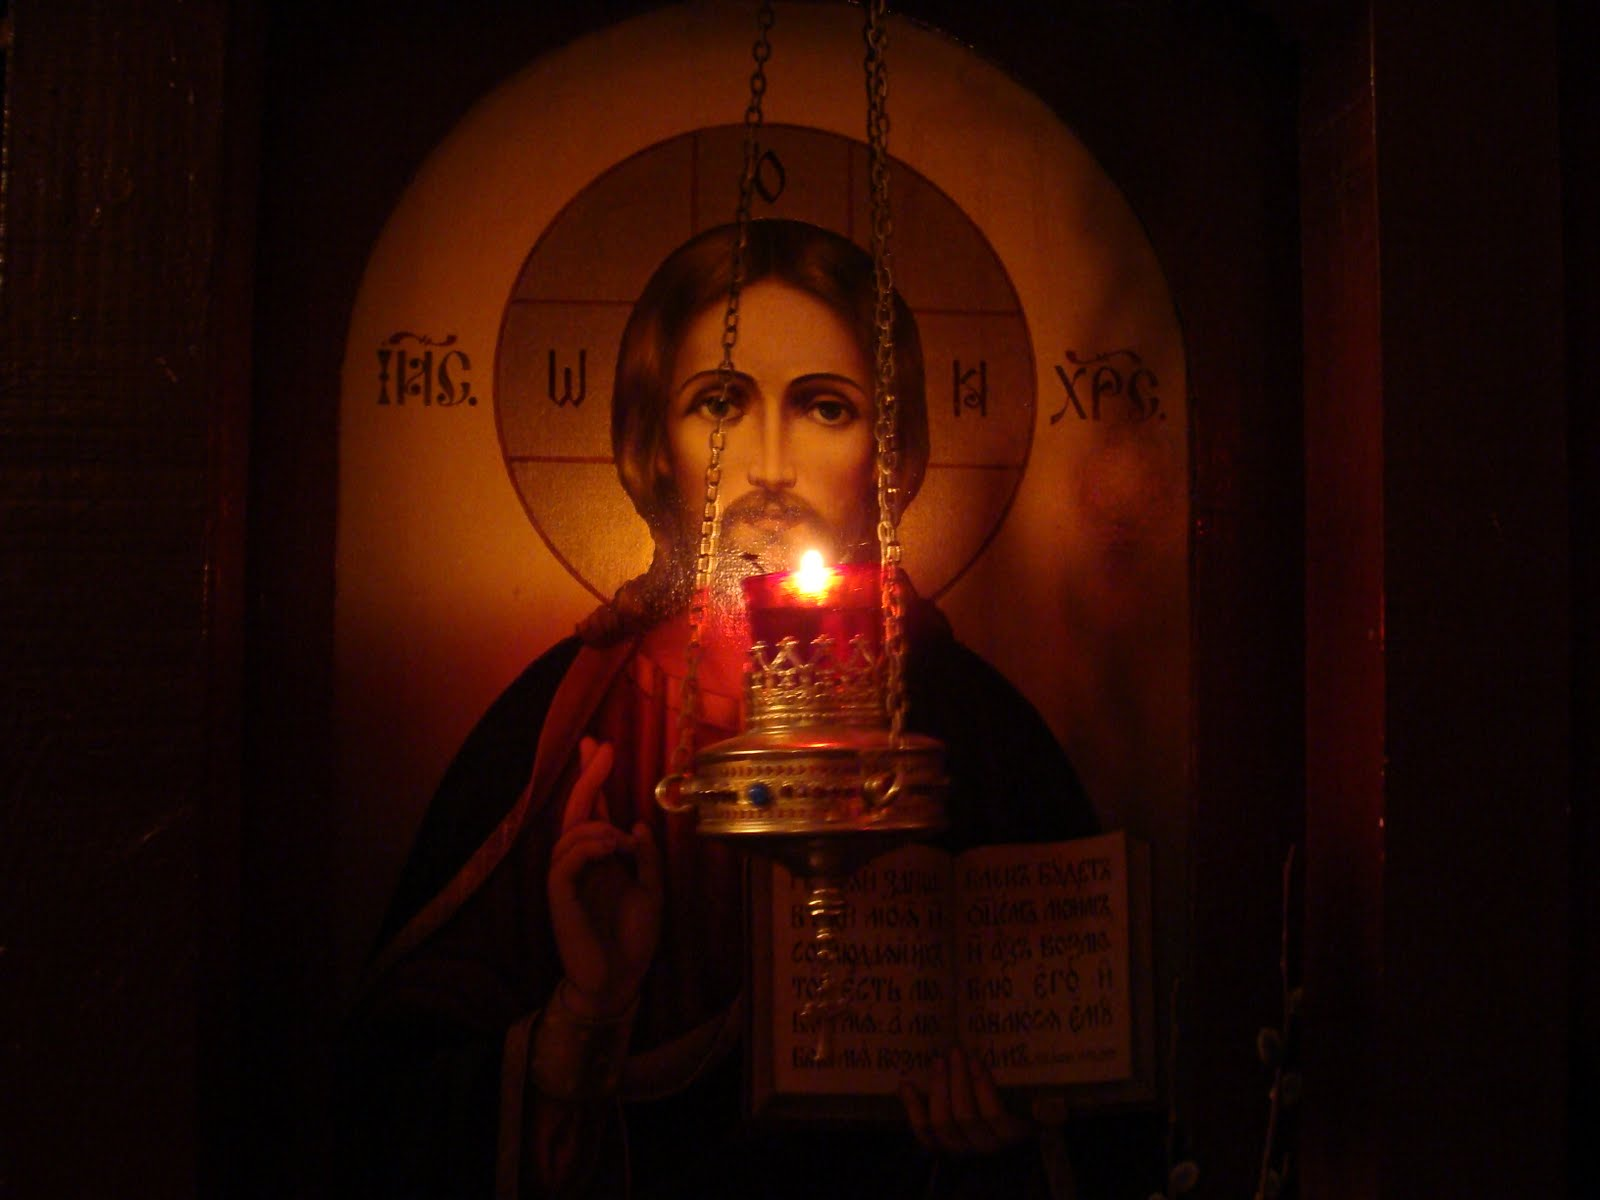 la prière de Jésus dans images sacrée jesus-prayer-7